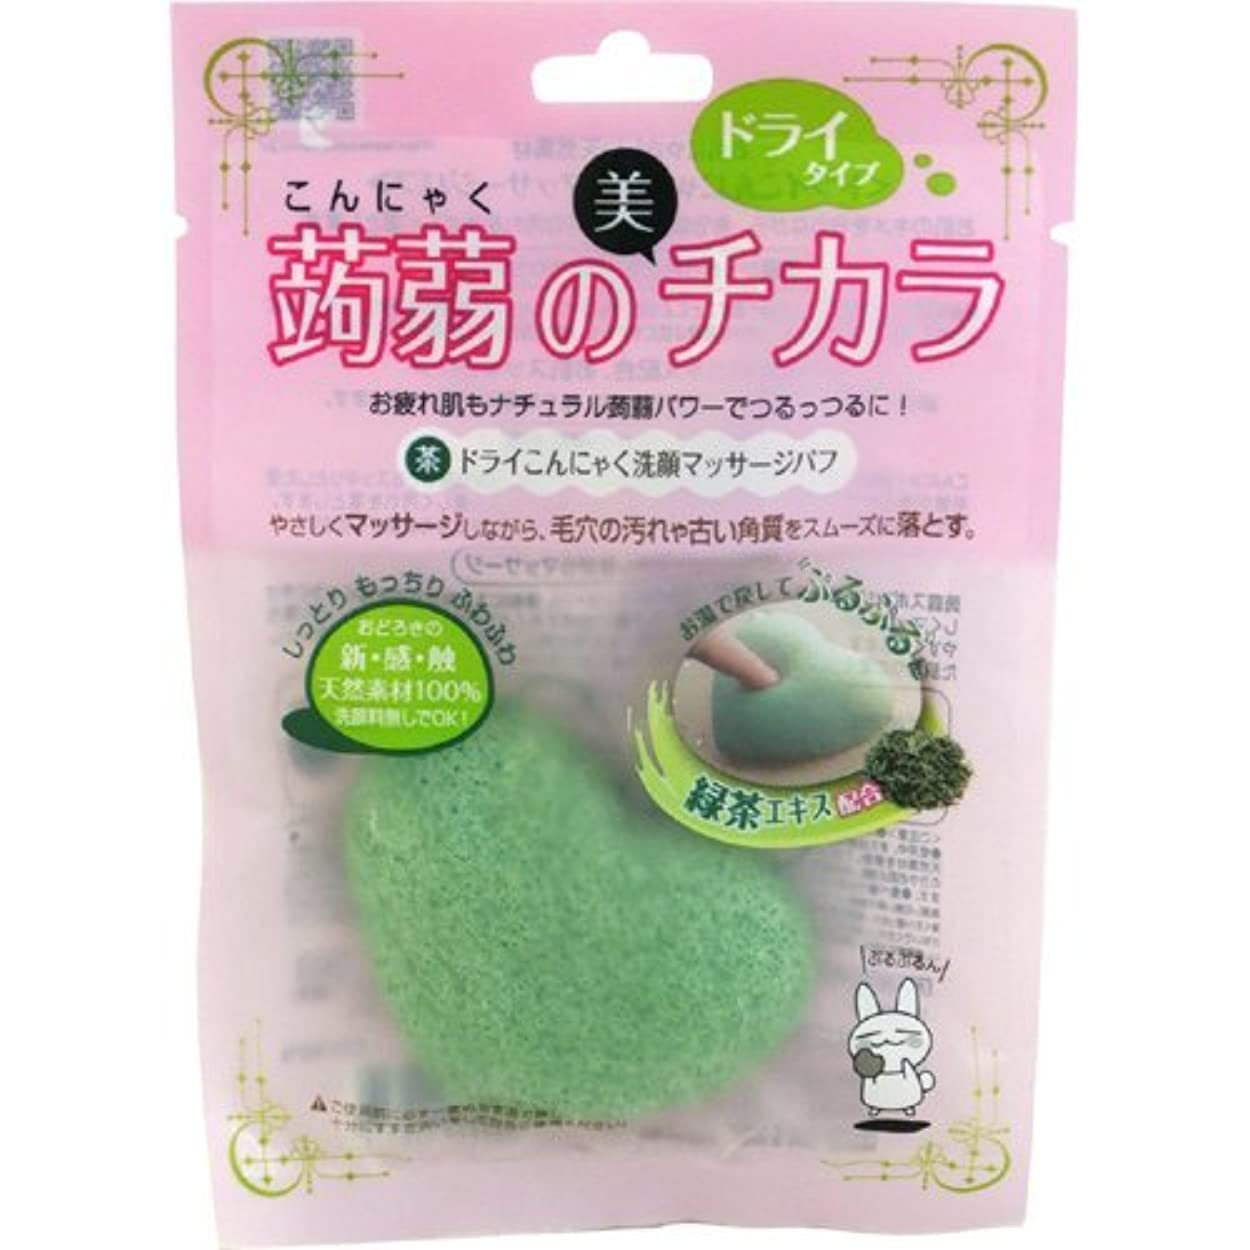 残るキルト哺乳類ドライ蒟蒻センガンマッサージパフ 緑茶